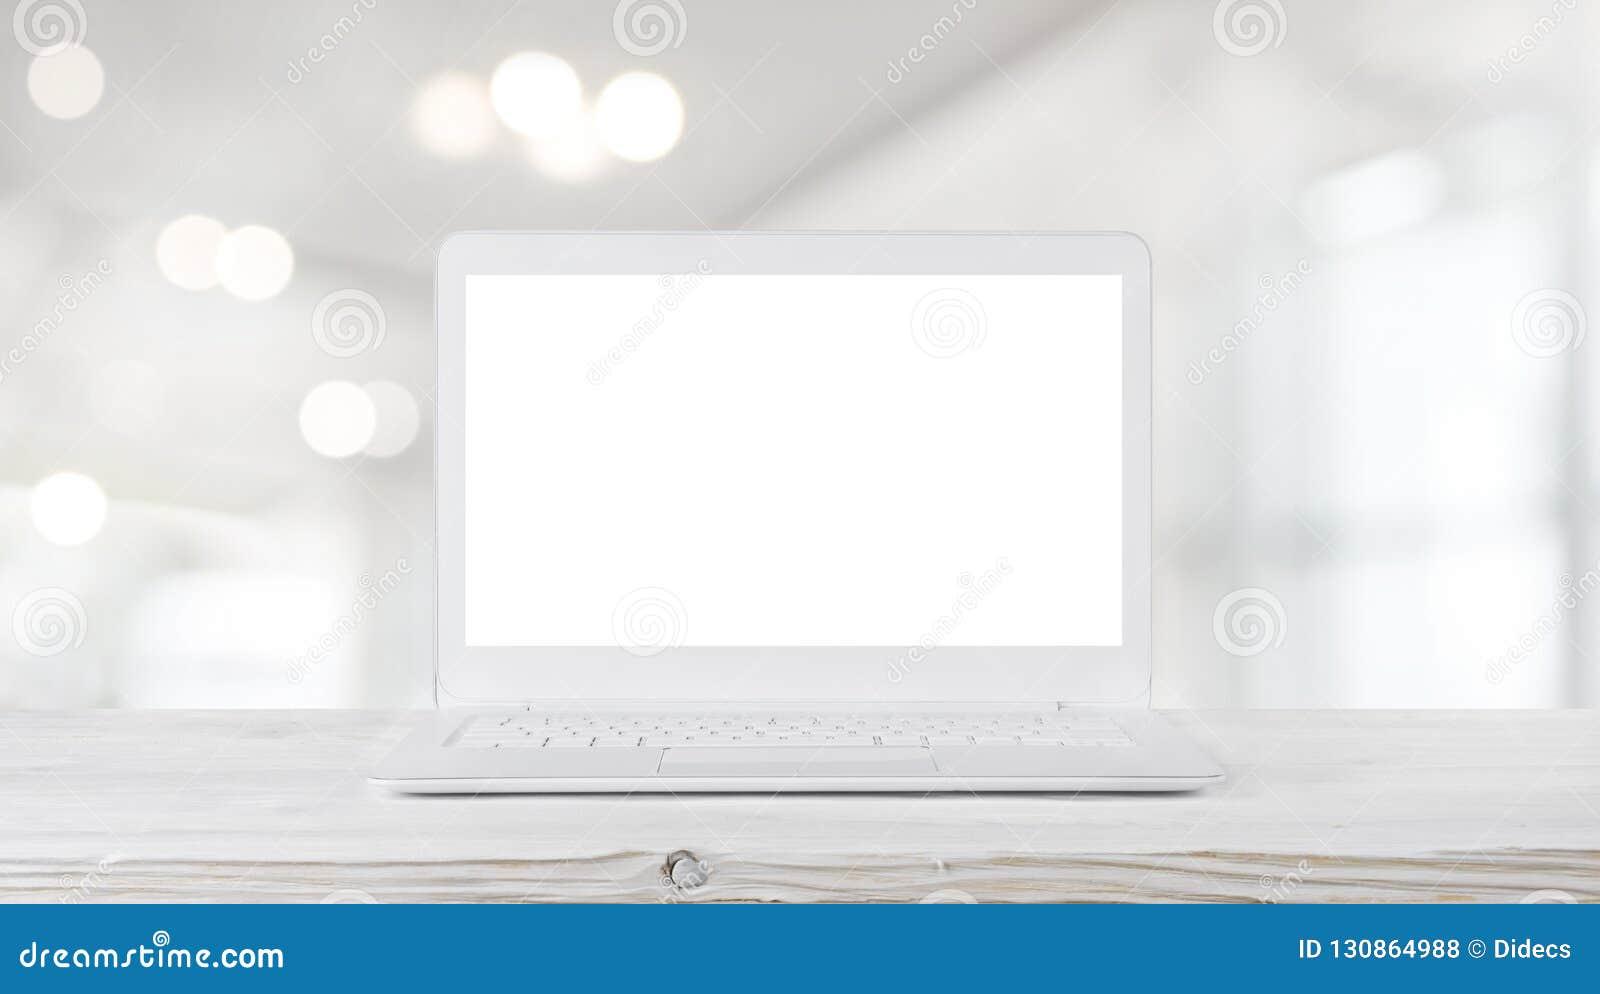 Laptop na tabela de madeira no interior borrado abstrato do escritório